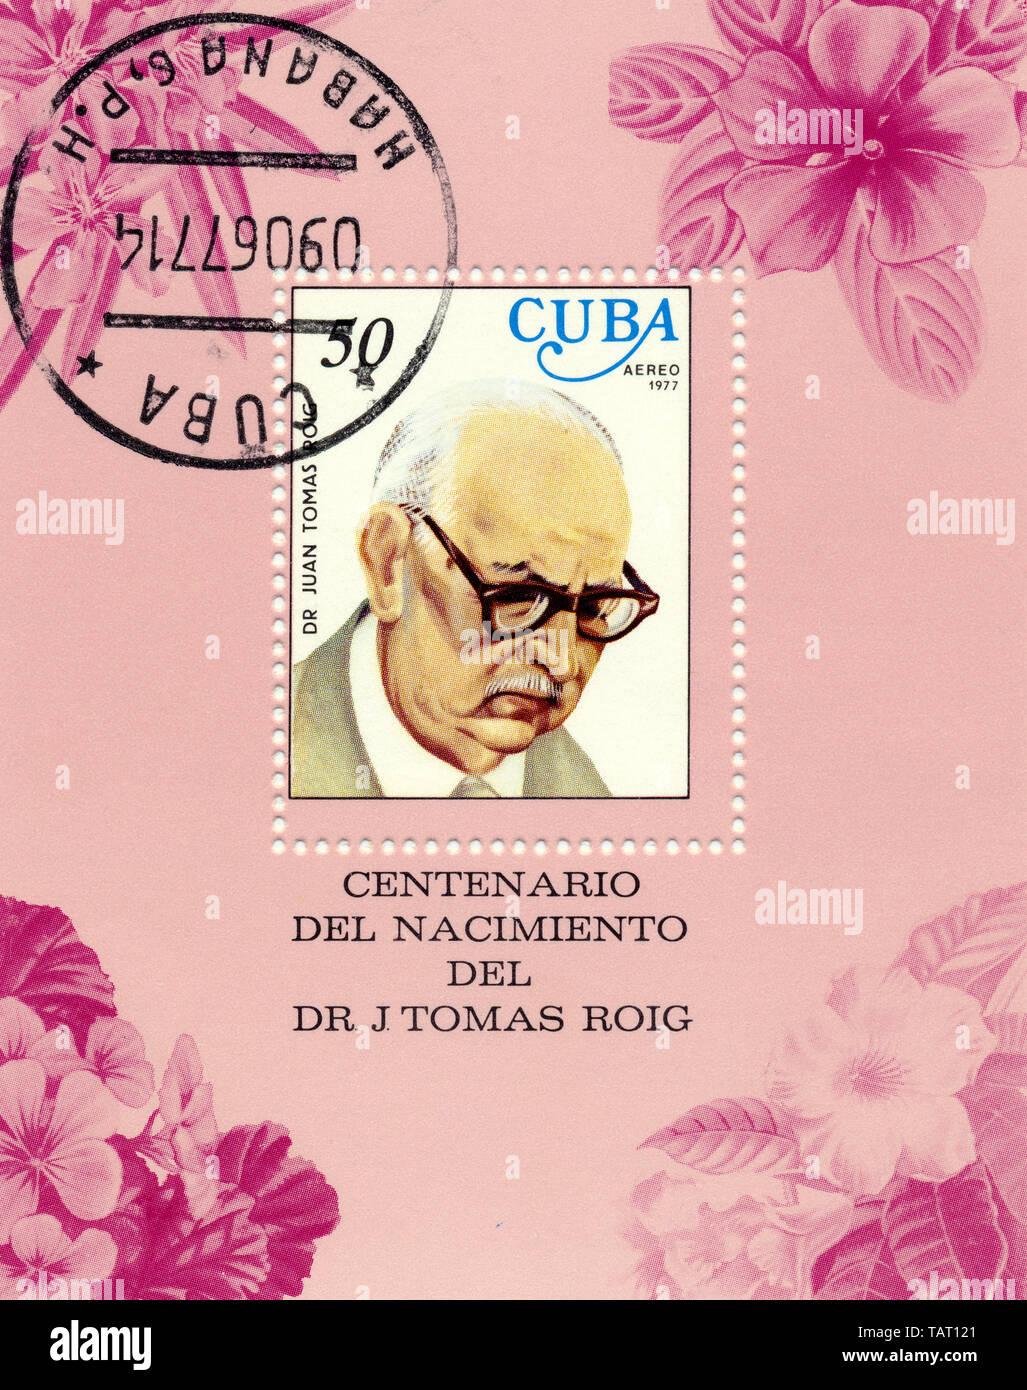 Historic postage stamps from Cuba, Historische Briefmarken, Andenken an den Botaniker Juan Tomas Roig , 1977,  Kuba - Stock Image